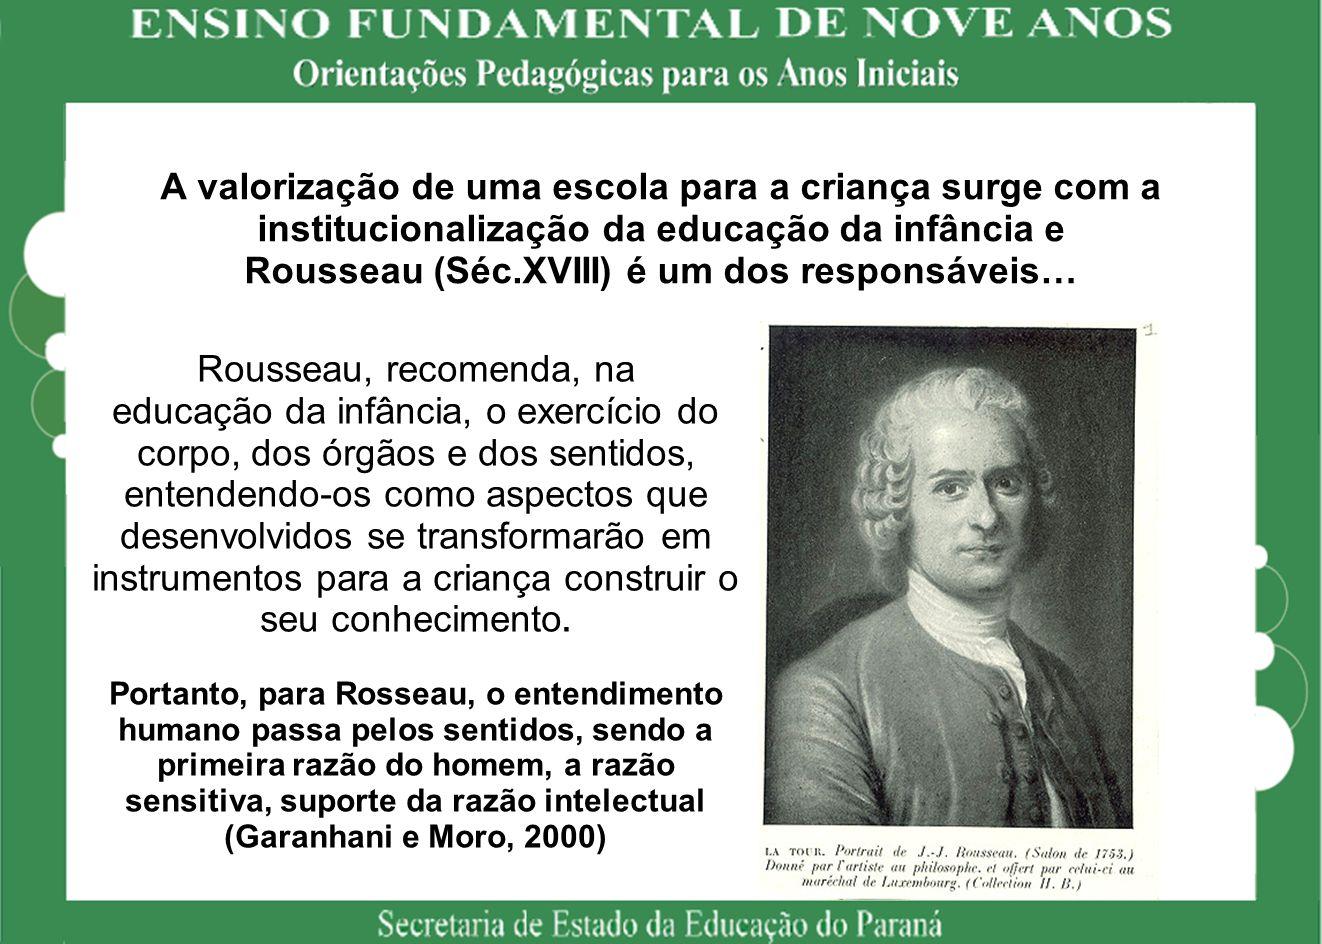 A valorização de uma escola para a criança surge com a institucionalização da educação da infância e Rousseau (Séc.XVIII) é um dos responsáveis…